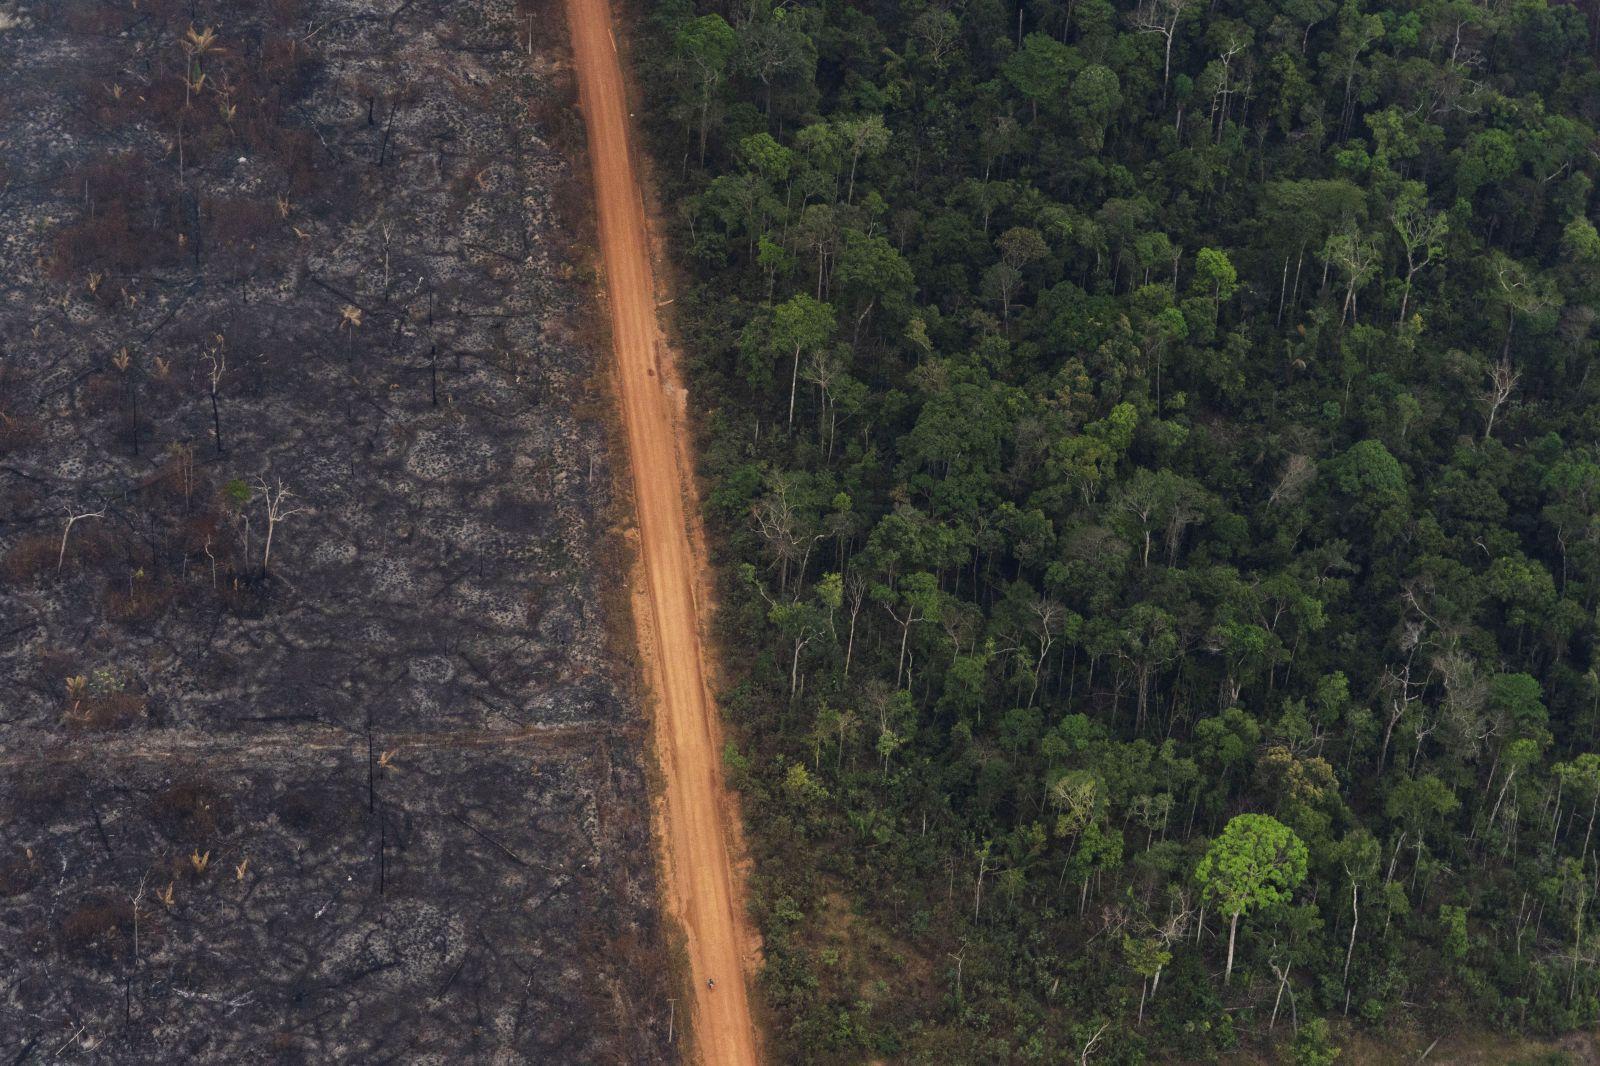 V Amazonskom pralese narástol počet devastujúcich požiarov takmer o tretinu. Prezident Bolsonaro však katastrofu ignoruje